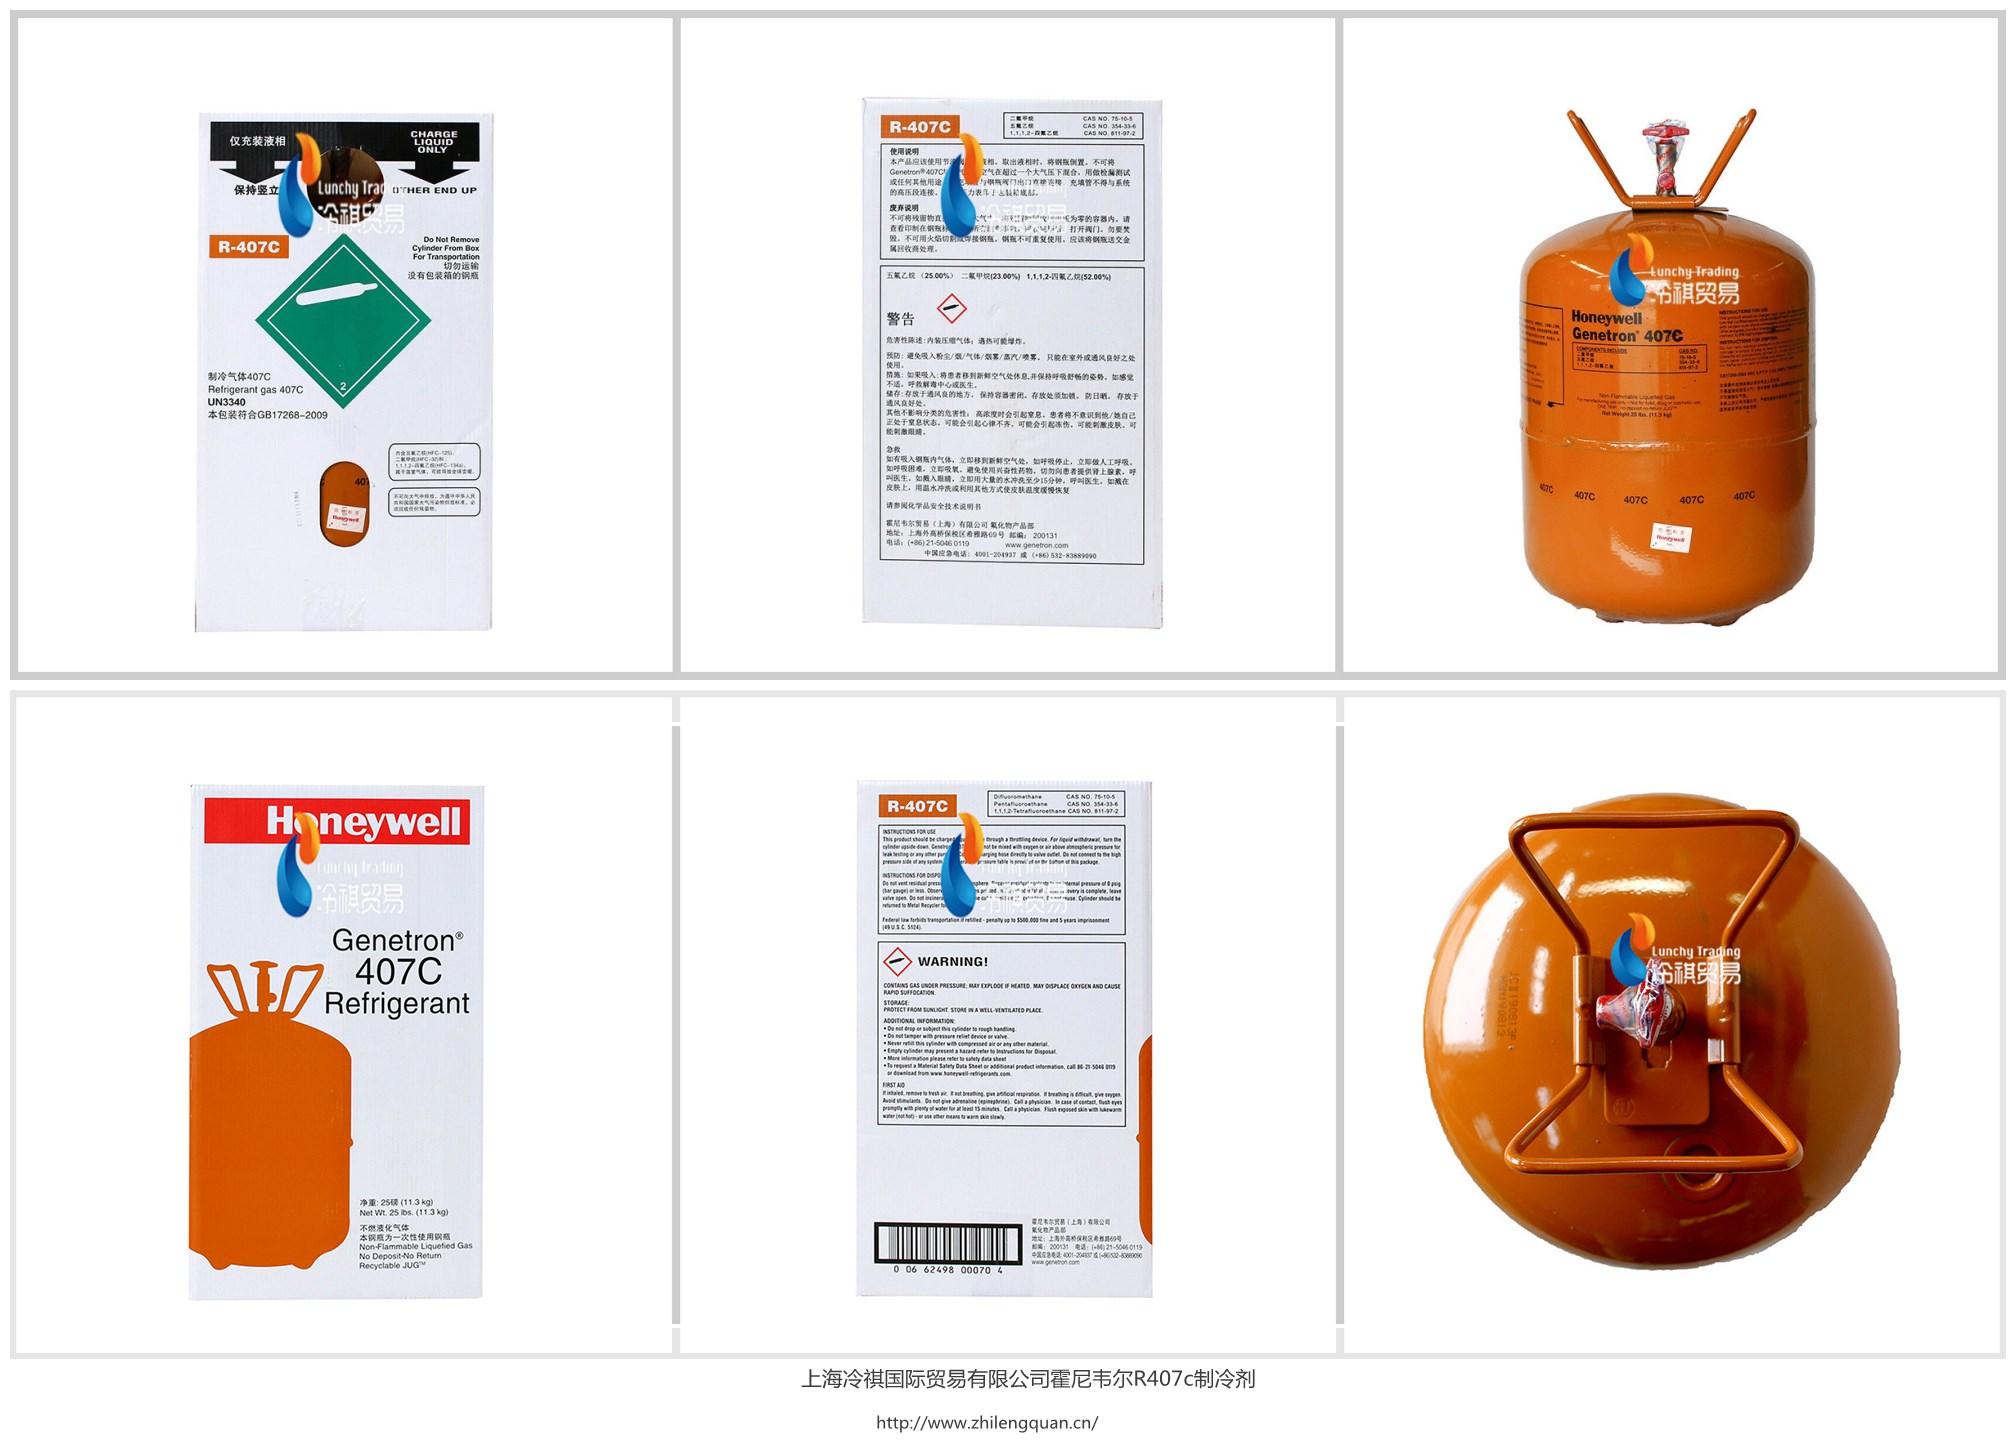 霍尼韦尔R407c制冷剂图片